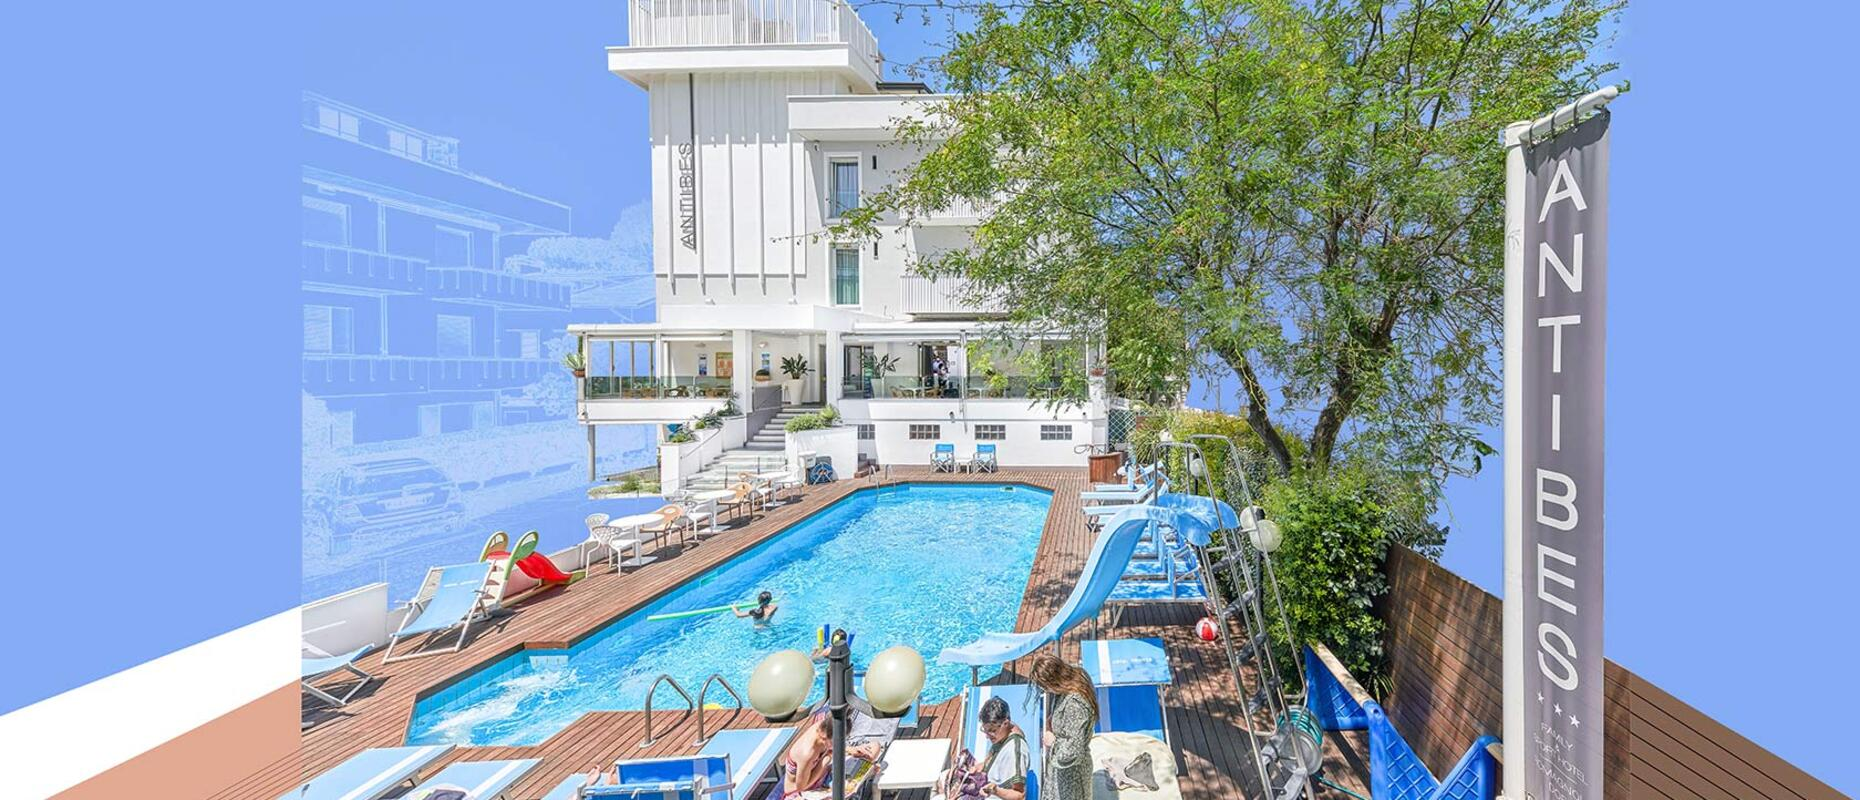 Hotel 3 stelle riccione antibes il tuo hotel con piscina - Hotel riccione con piscina coperta ...